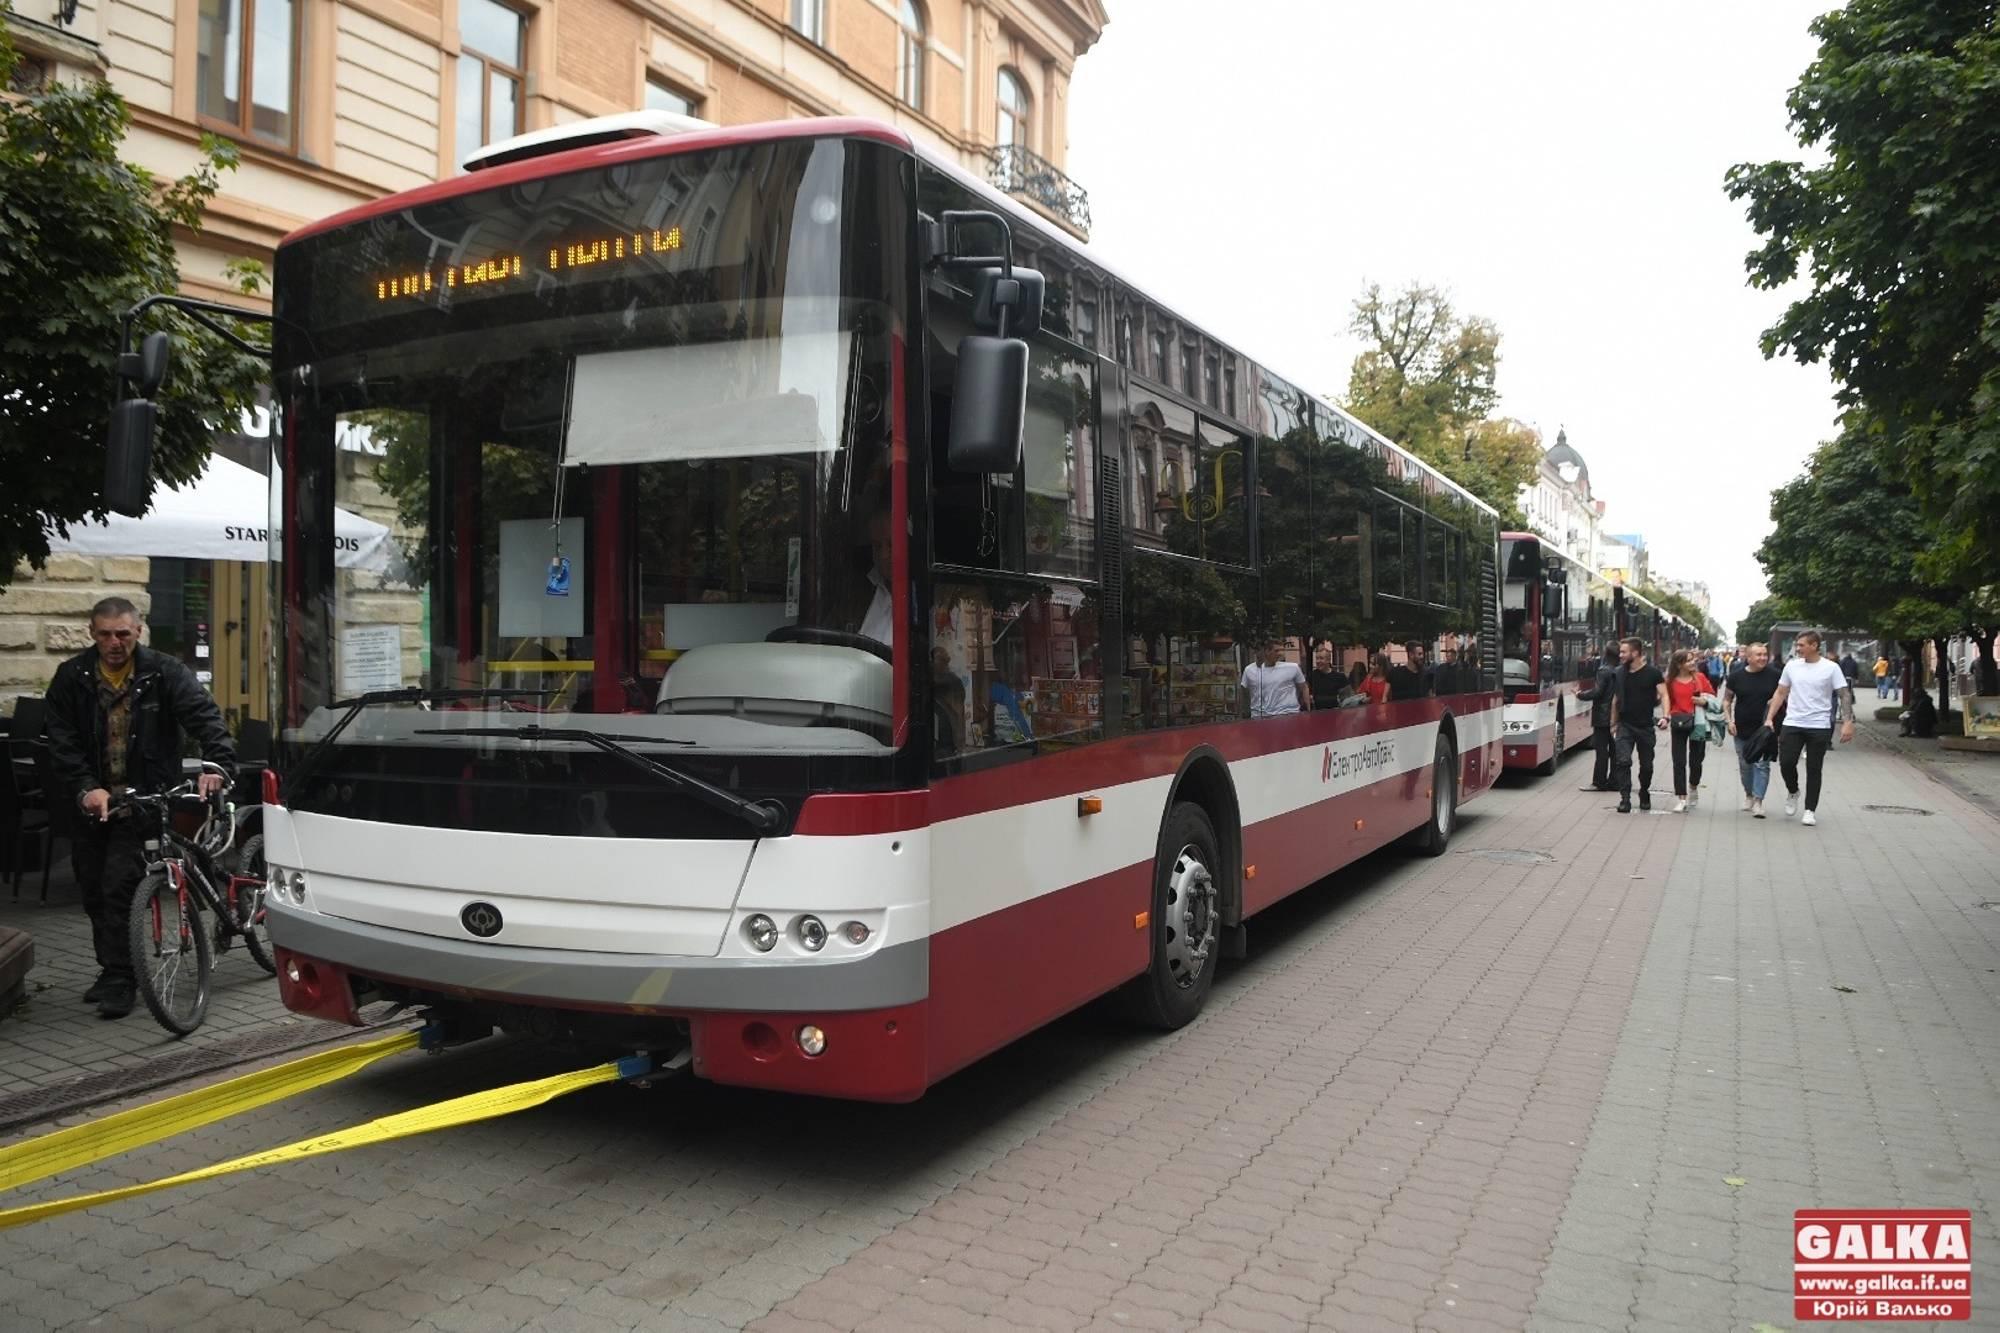 24 серпня франківці та гості міста у вишиванках можуть не платити за проїзд у комунальному транспорті